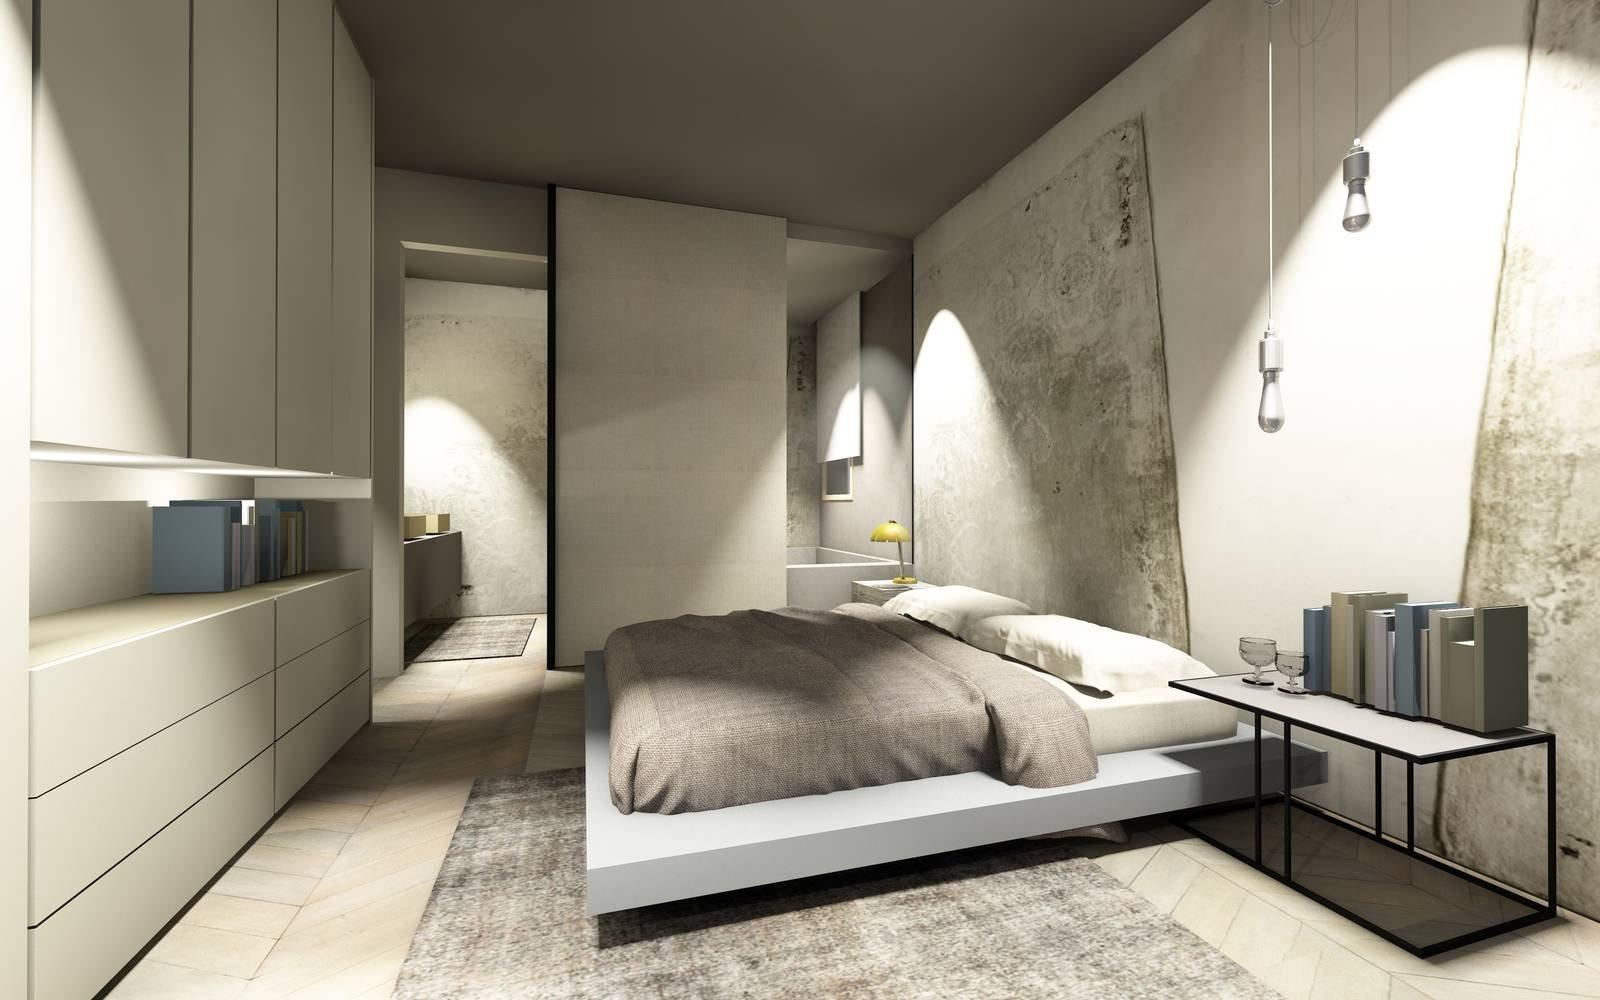 Cose La Camera Da Letto Padronale : Bagno in camera soluzioni d effetto cose di casa